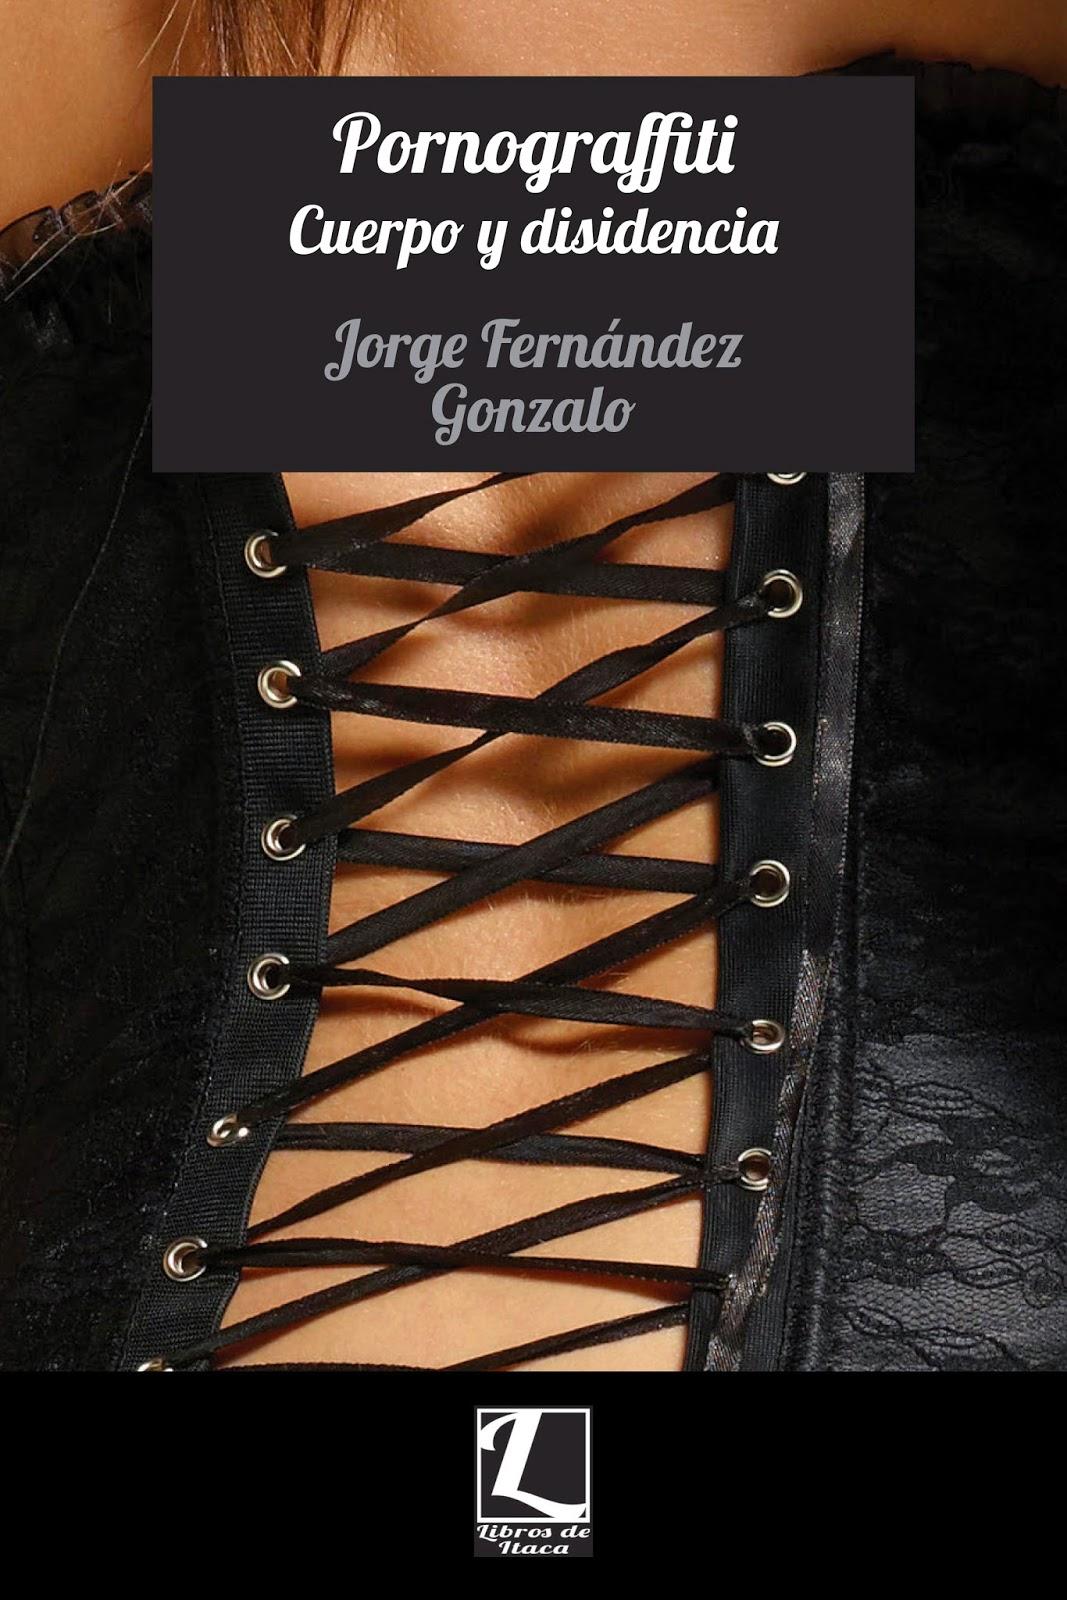 PORNOGRAFFITI. CUERPO Y DISIDENCIA-Jorge Fernández Gonzalo (Libros de Itaca)